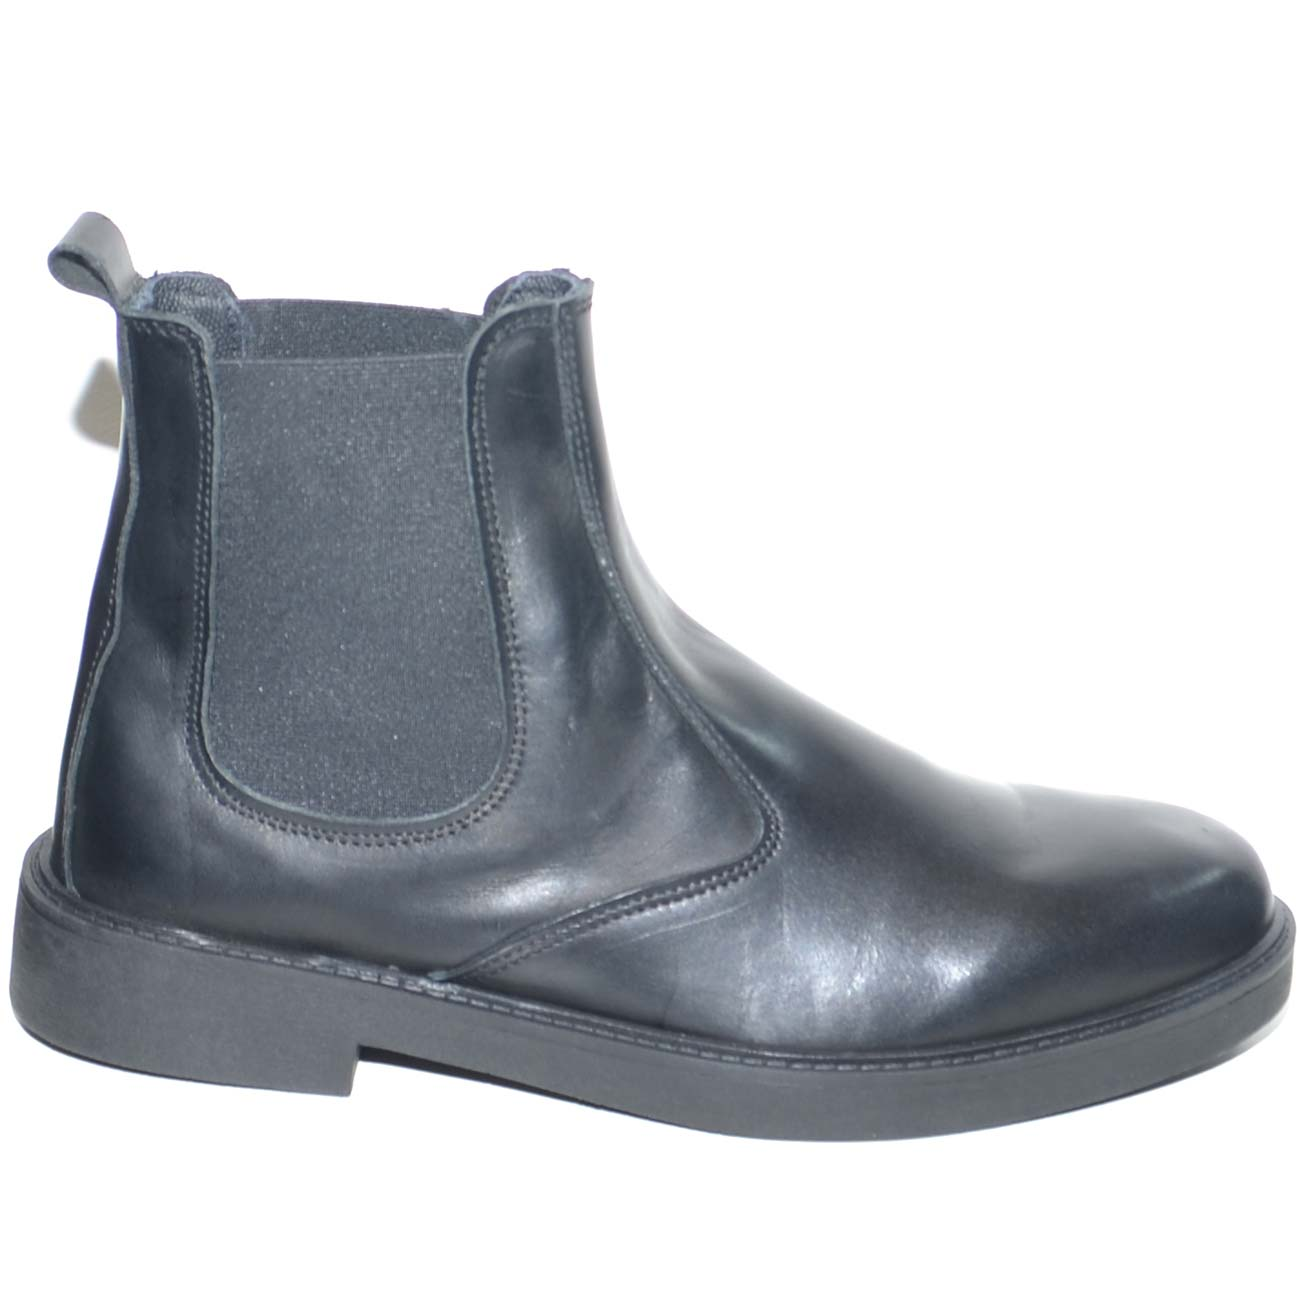 Beatles uomo stivaletto inglese vera pelle spazzolata in vitello nero fondo  ultralight in gomma scarpe da 99d01aa8f5b